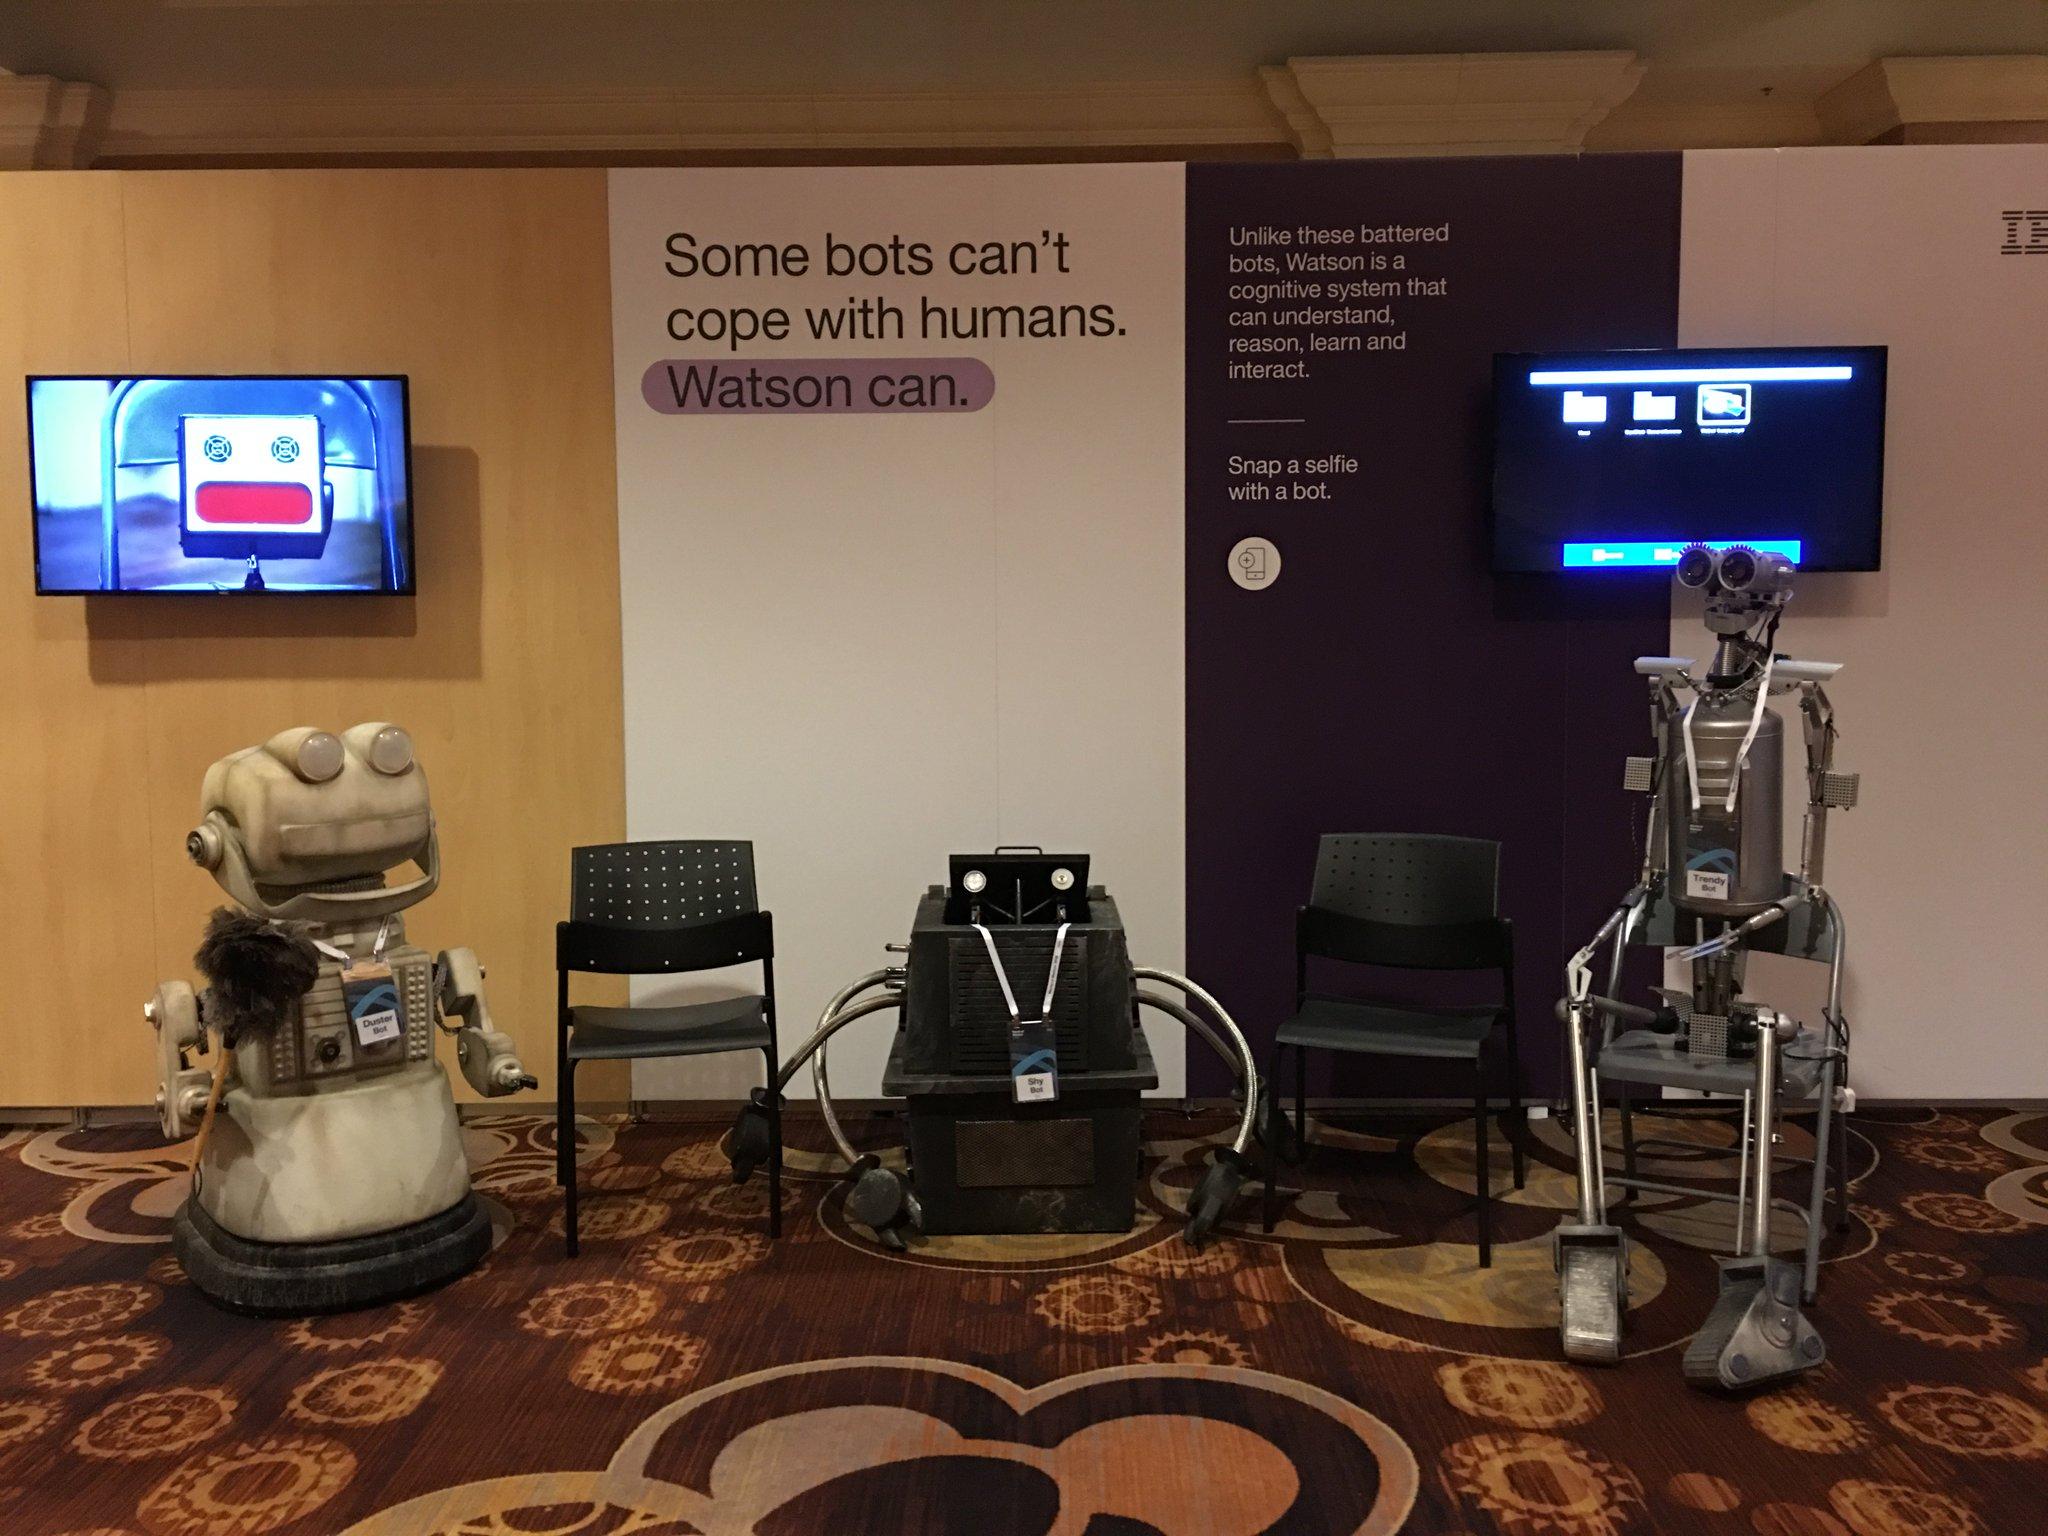 Meet the robots of #IBMWoW. #IoT https://t.co/zAM3u40A5A